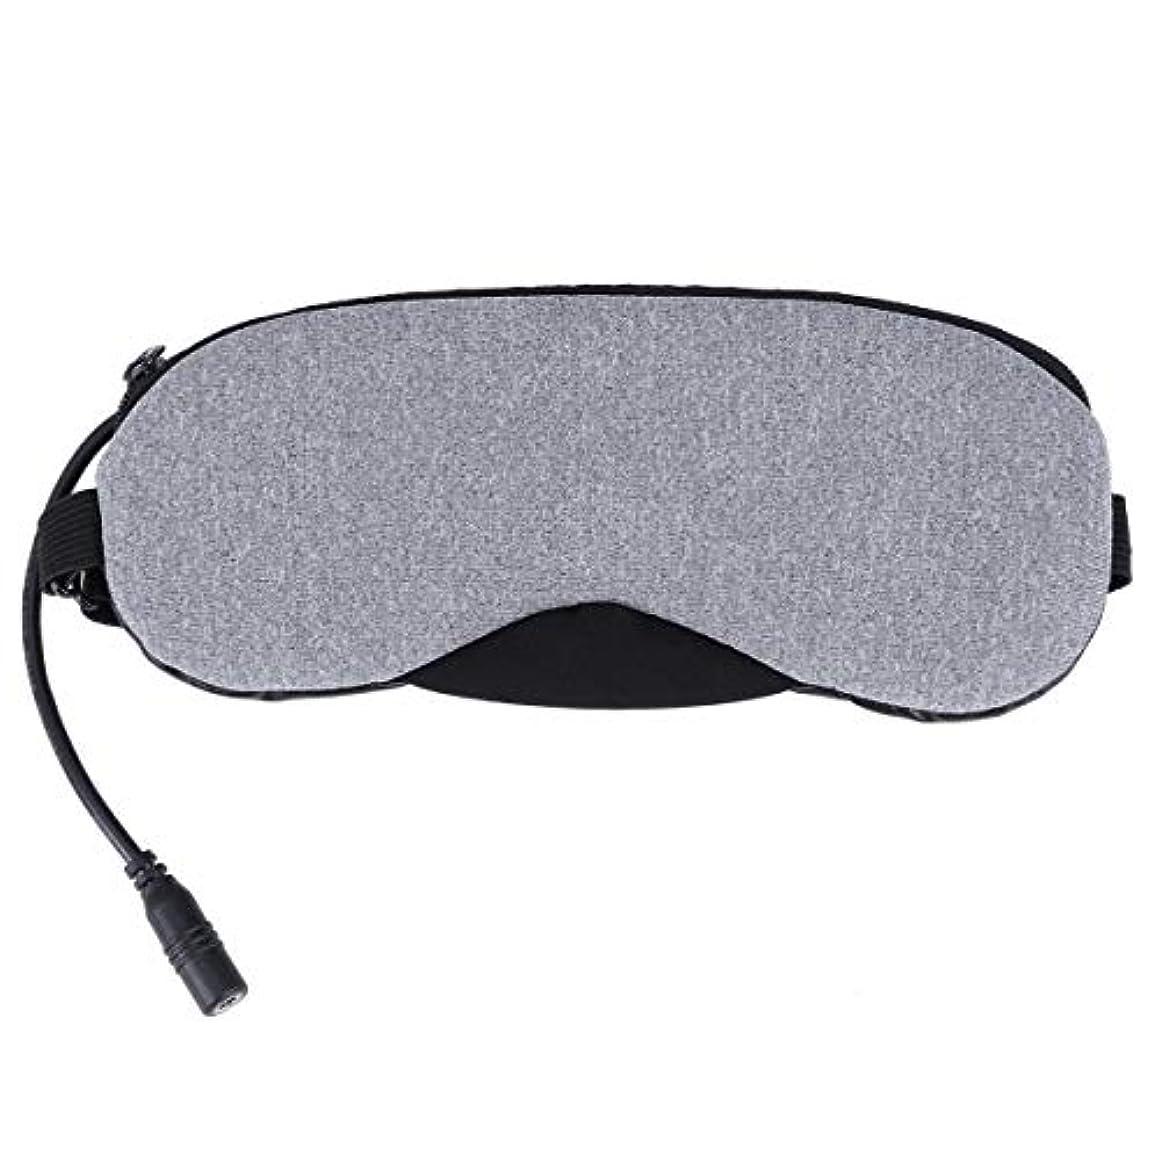 耐えられない水銀の検閲SUPVOX usbスチームアイマスクドライアイ眼eph炎用アイスパック温熱治療用アイマスク(グレー)